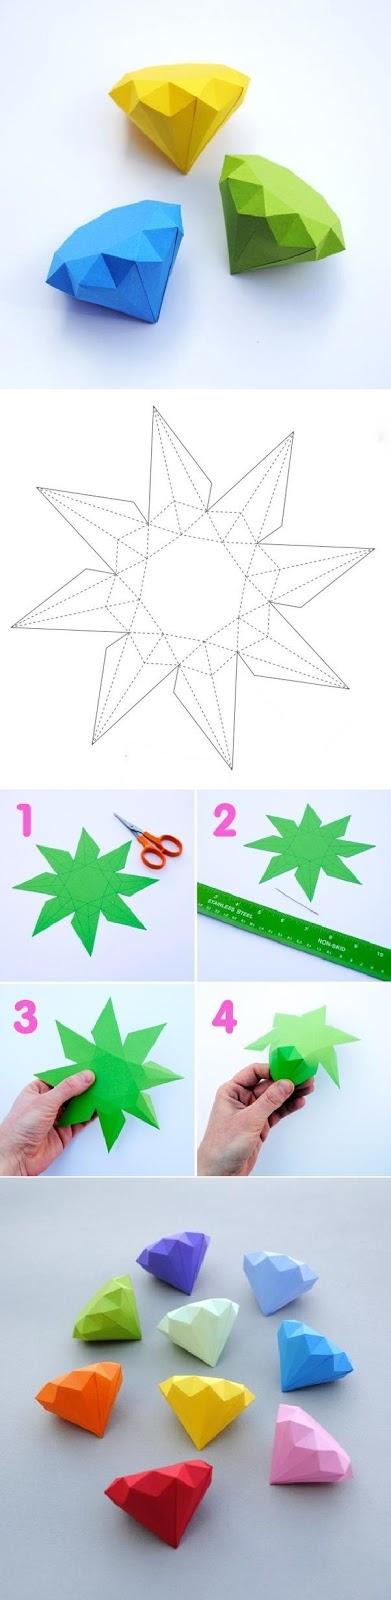 Cách làm kim cương giấy